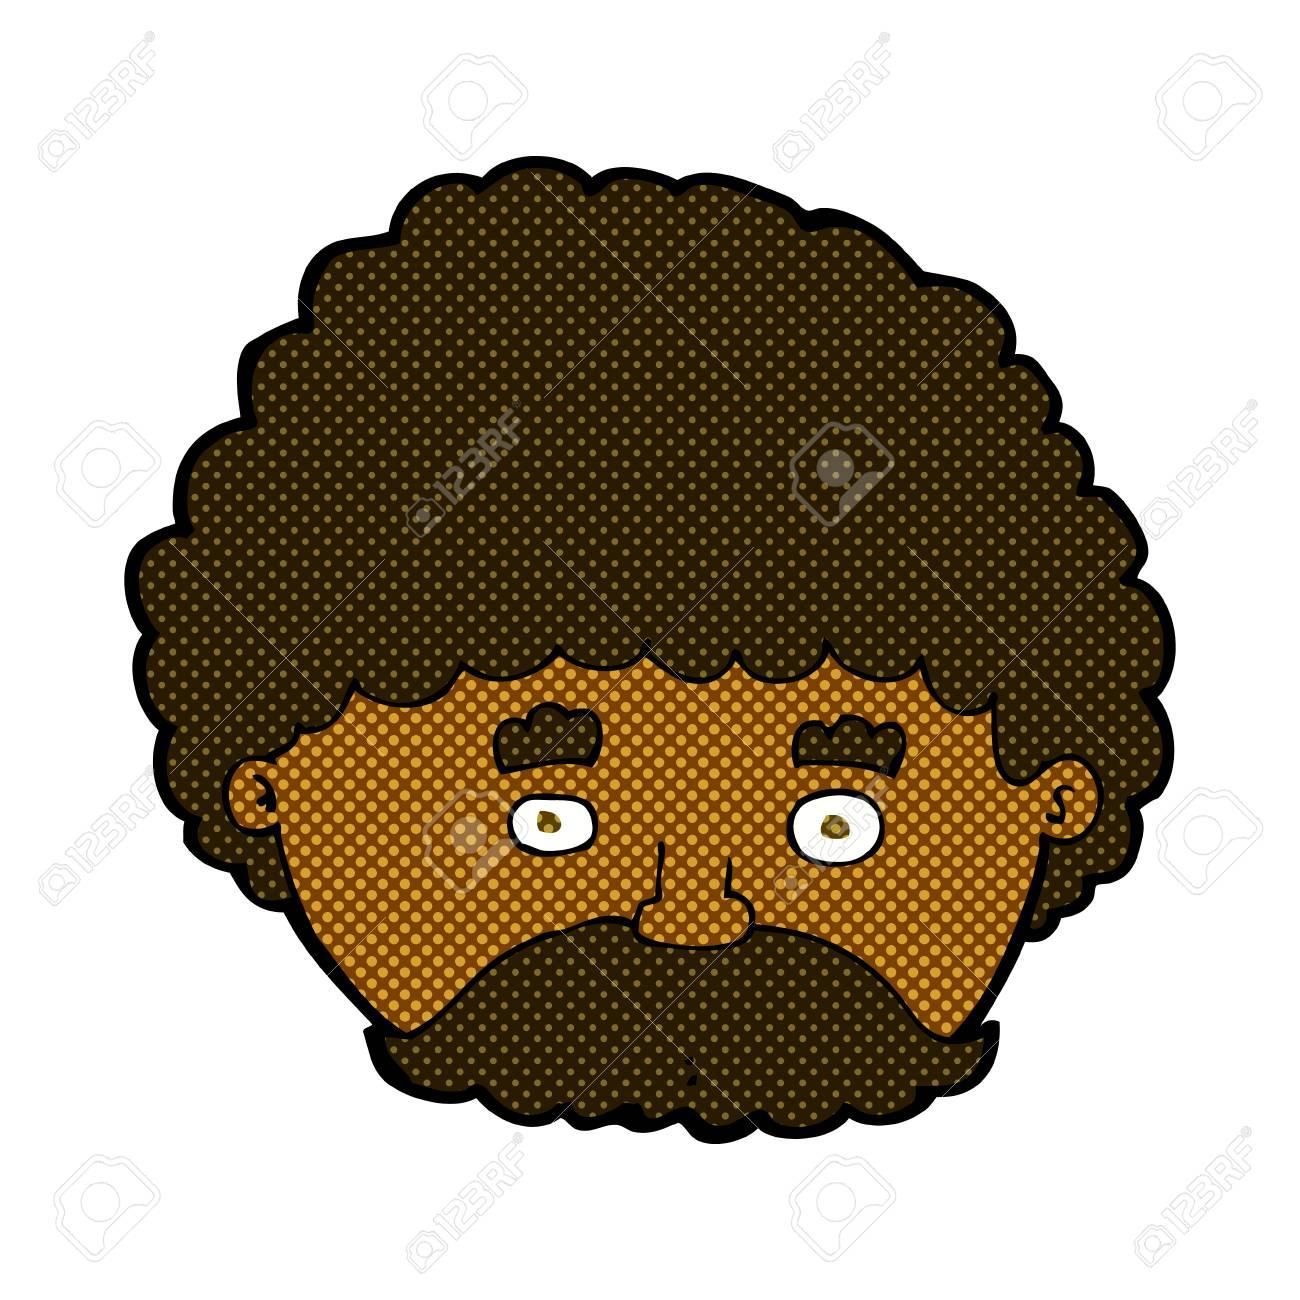 Vettoriale retrò stile fumetto cartone animato uomo con i baffi